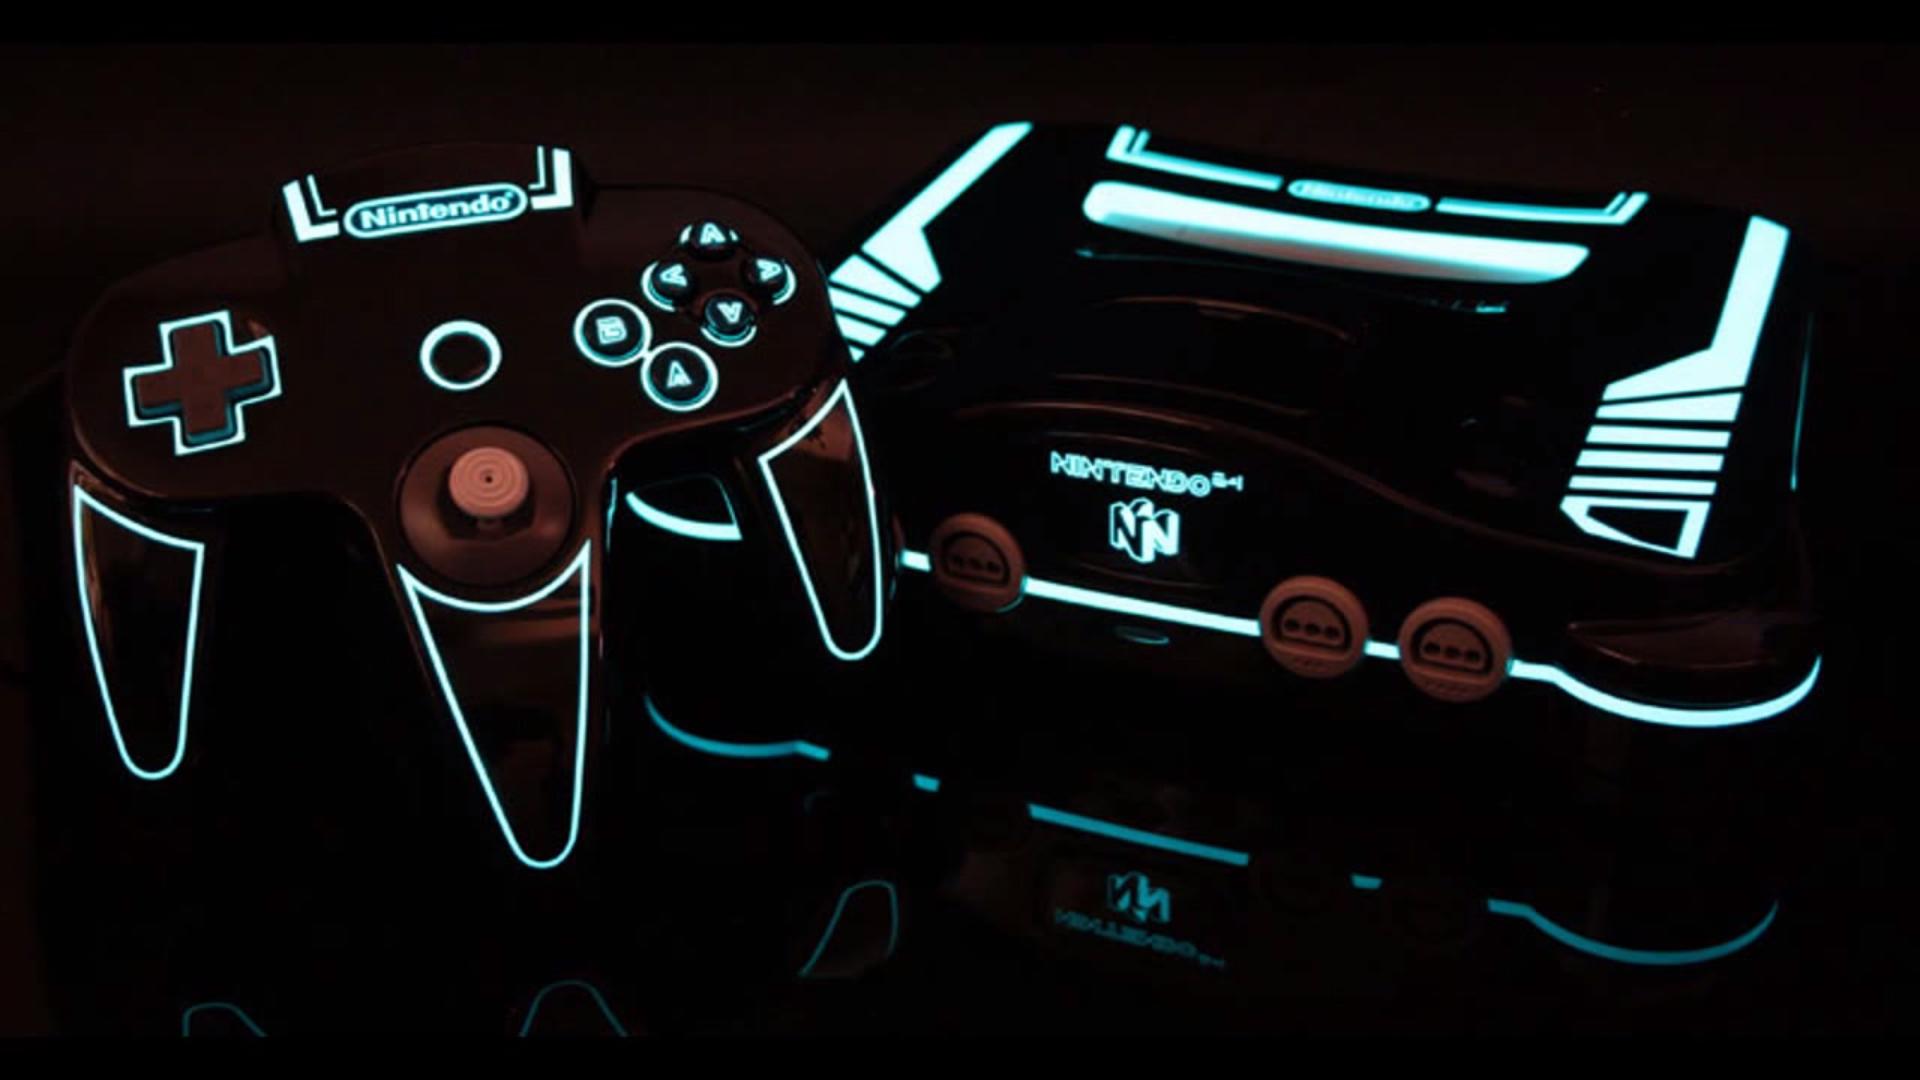 Nintendo 64 jak prosto z filmu Tron